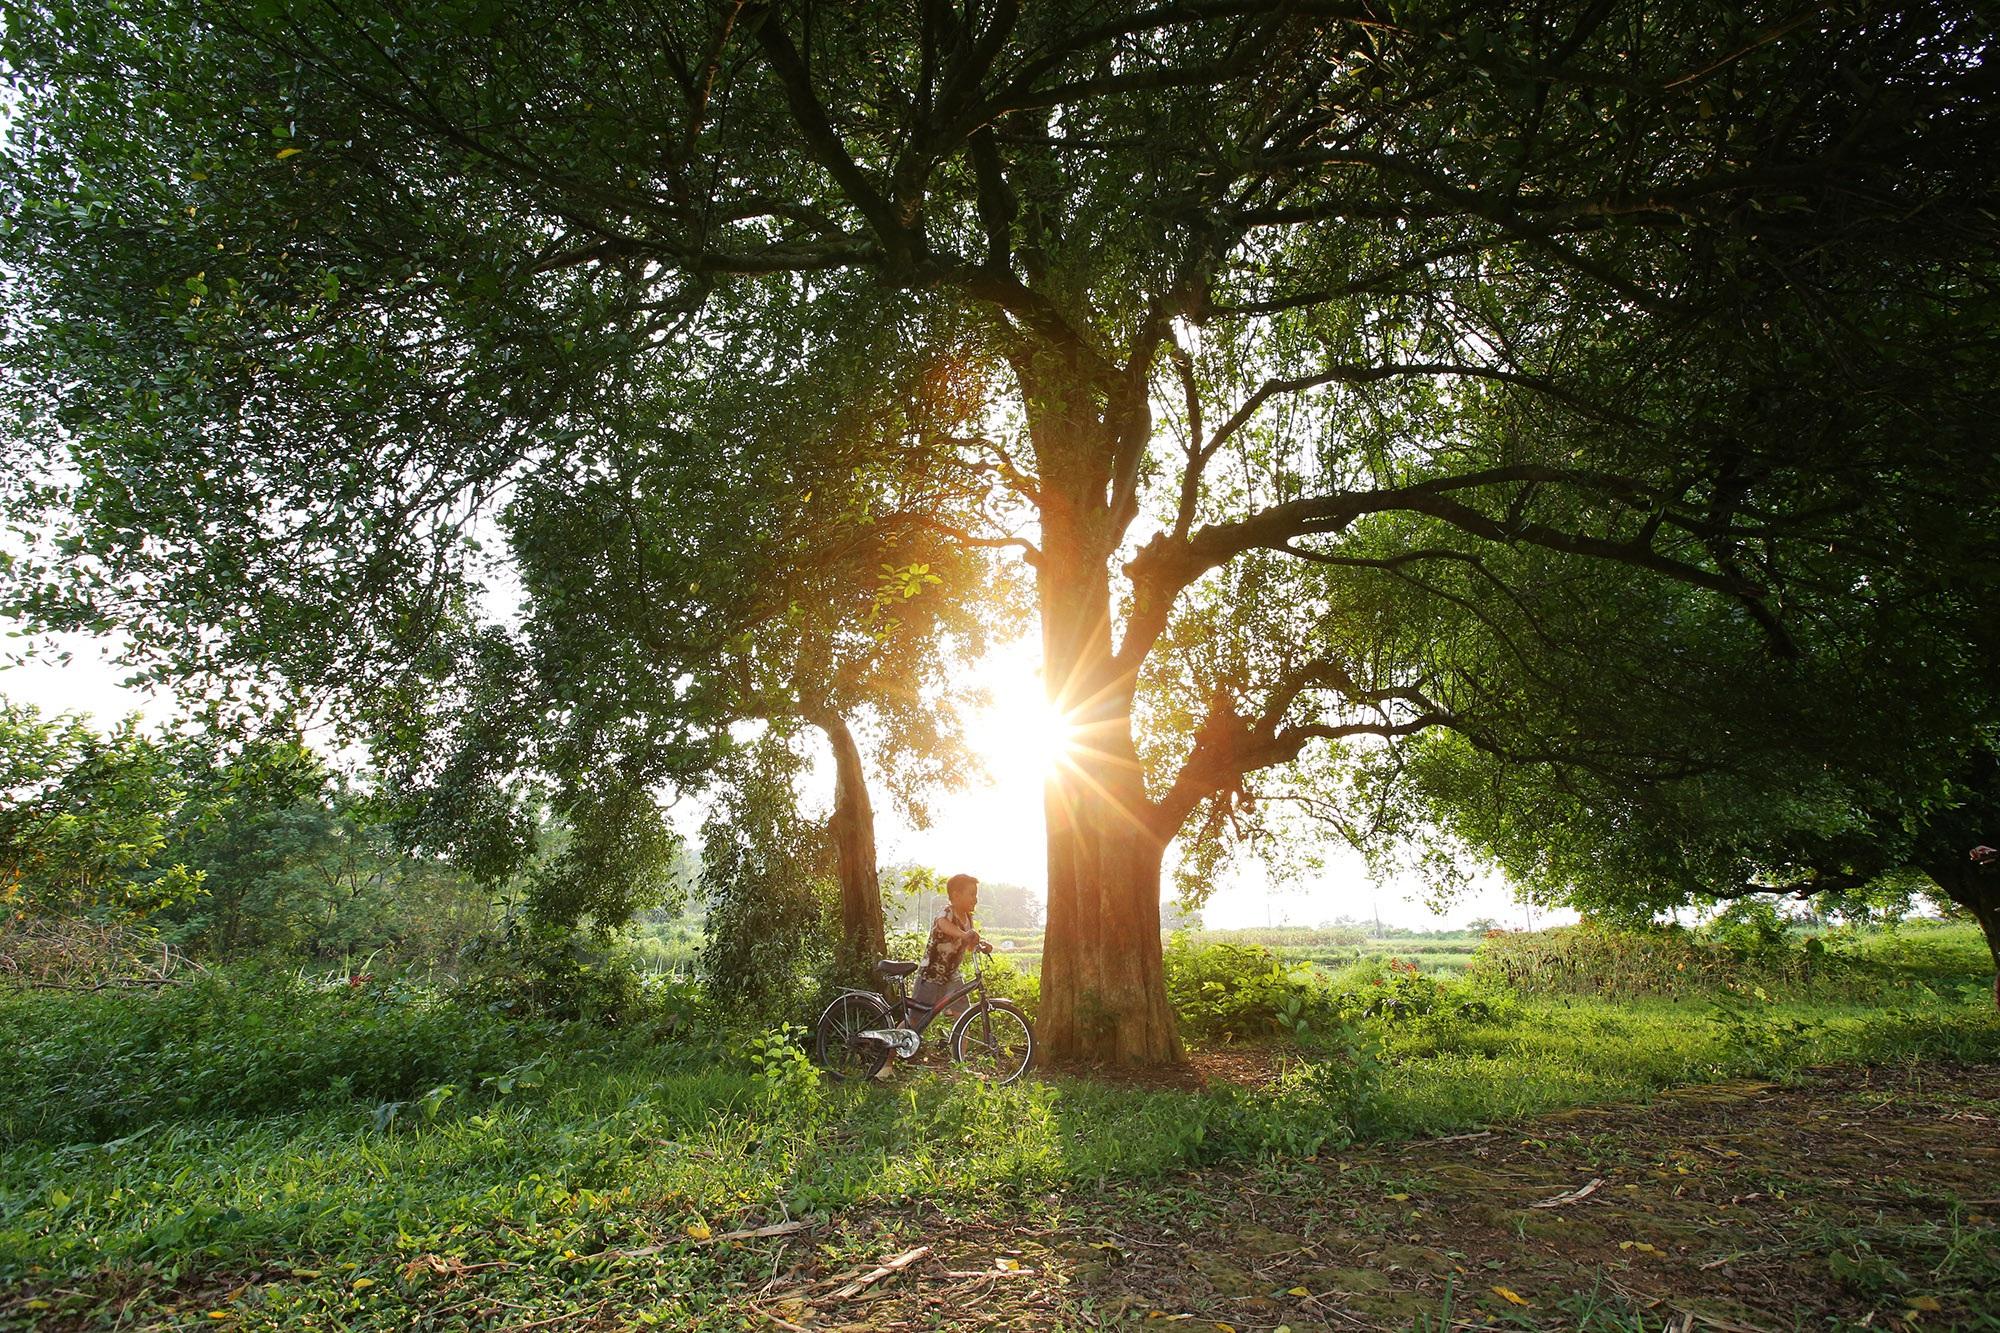 Rặng cây duối cổ hơn 1000 năm tuổi ở Hà Nội - 8